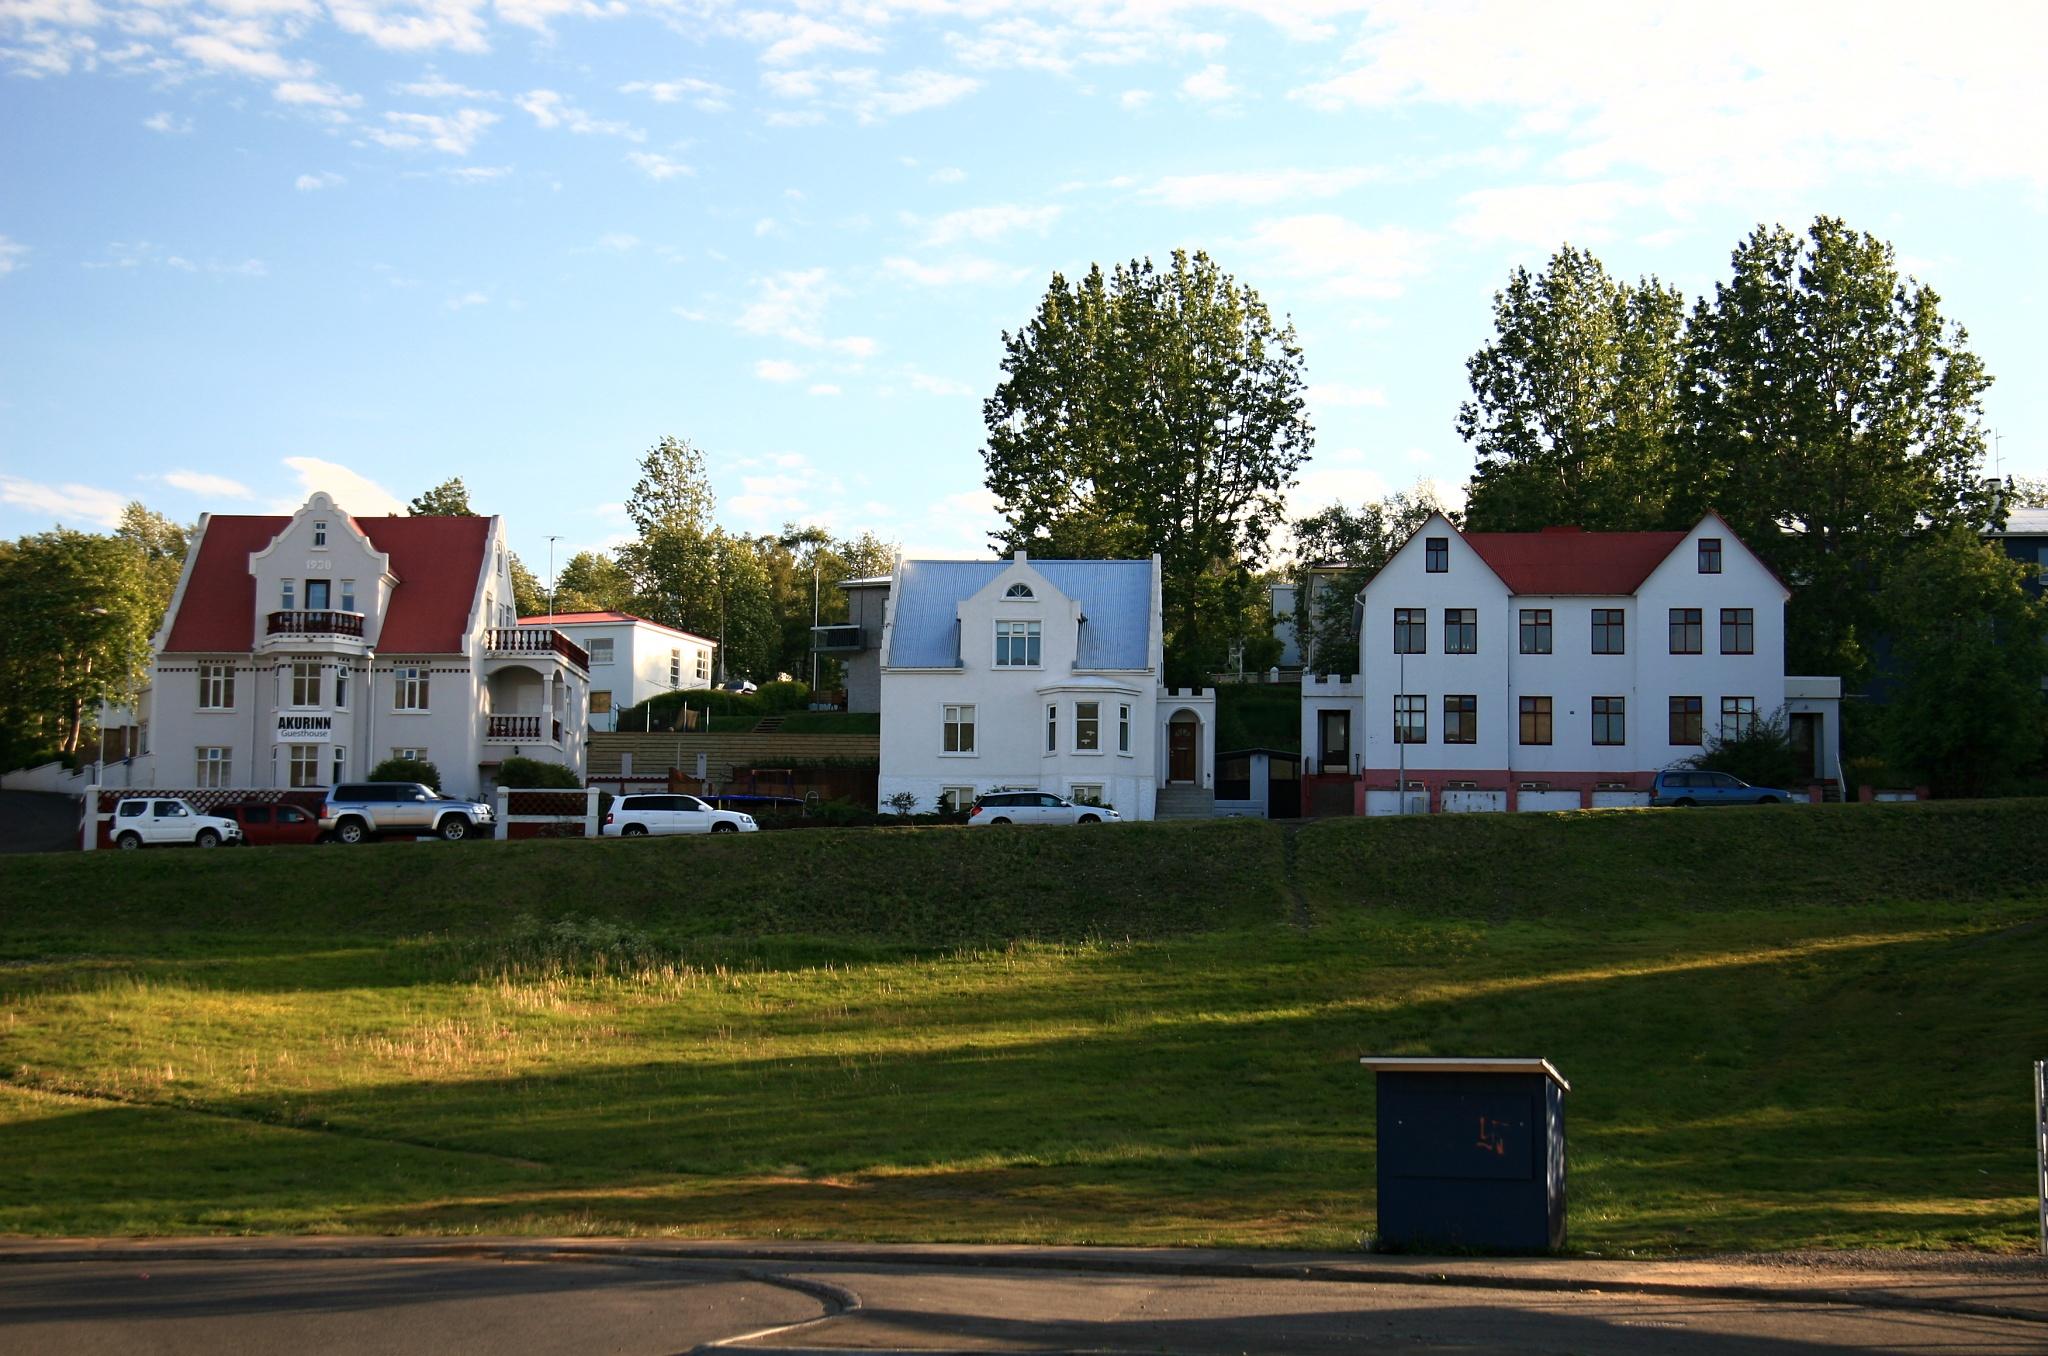 Typická islandská architektura v Akureyri